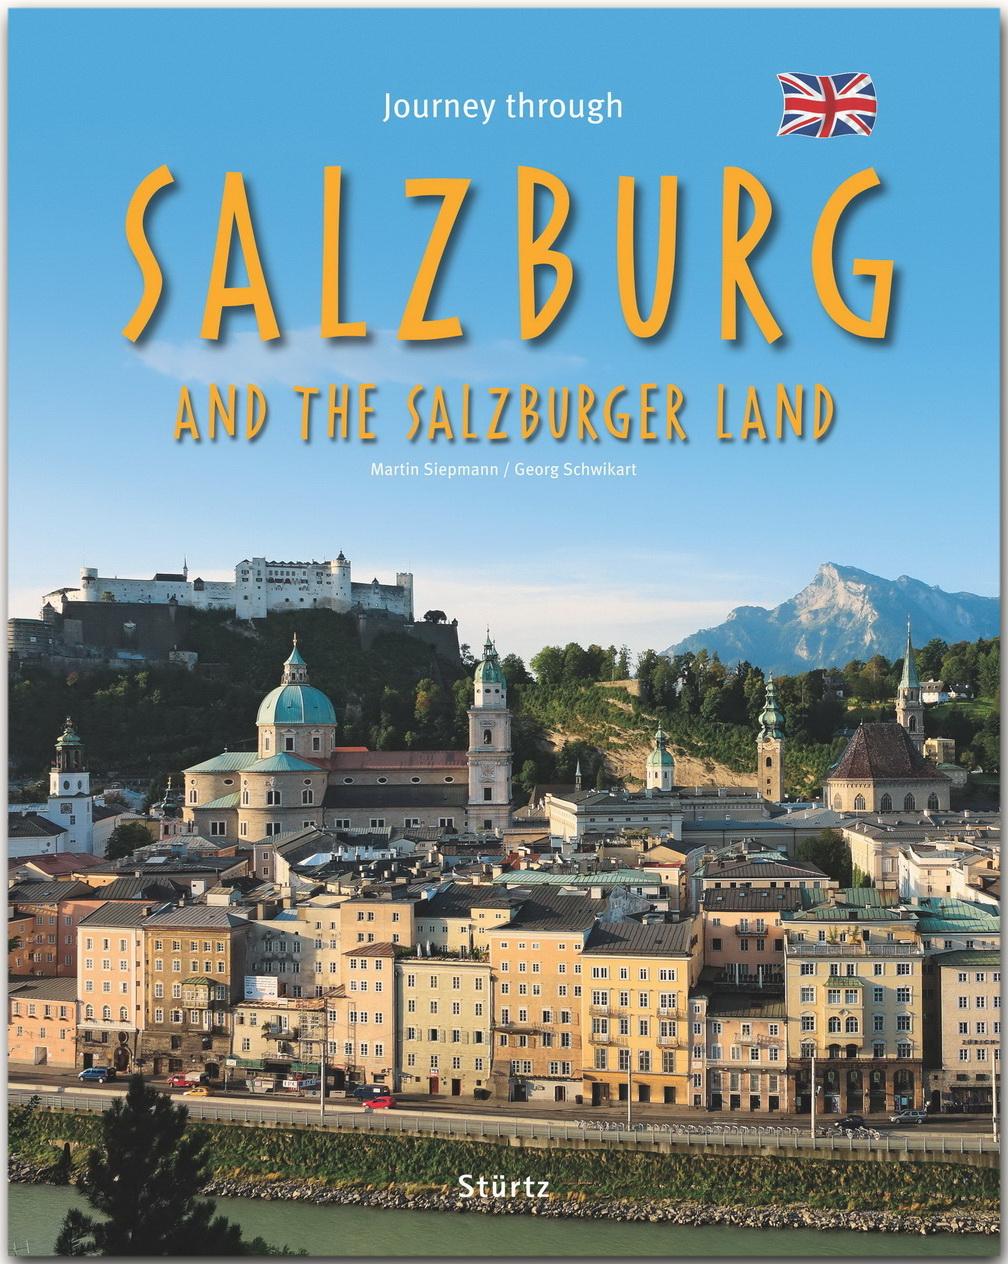 Cover: Mittelalterliche Gebäude vor Bergen und blauem Himmel